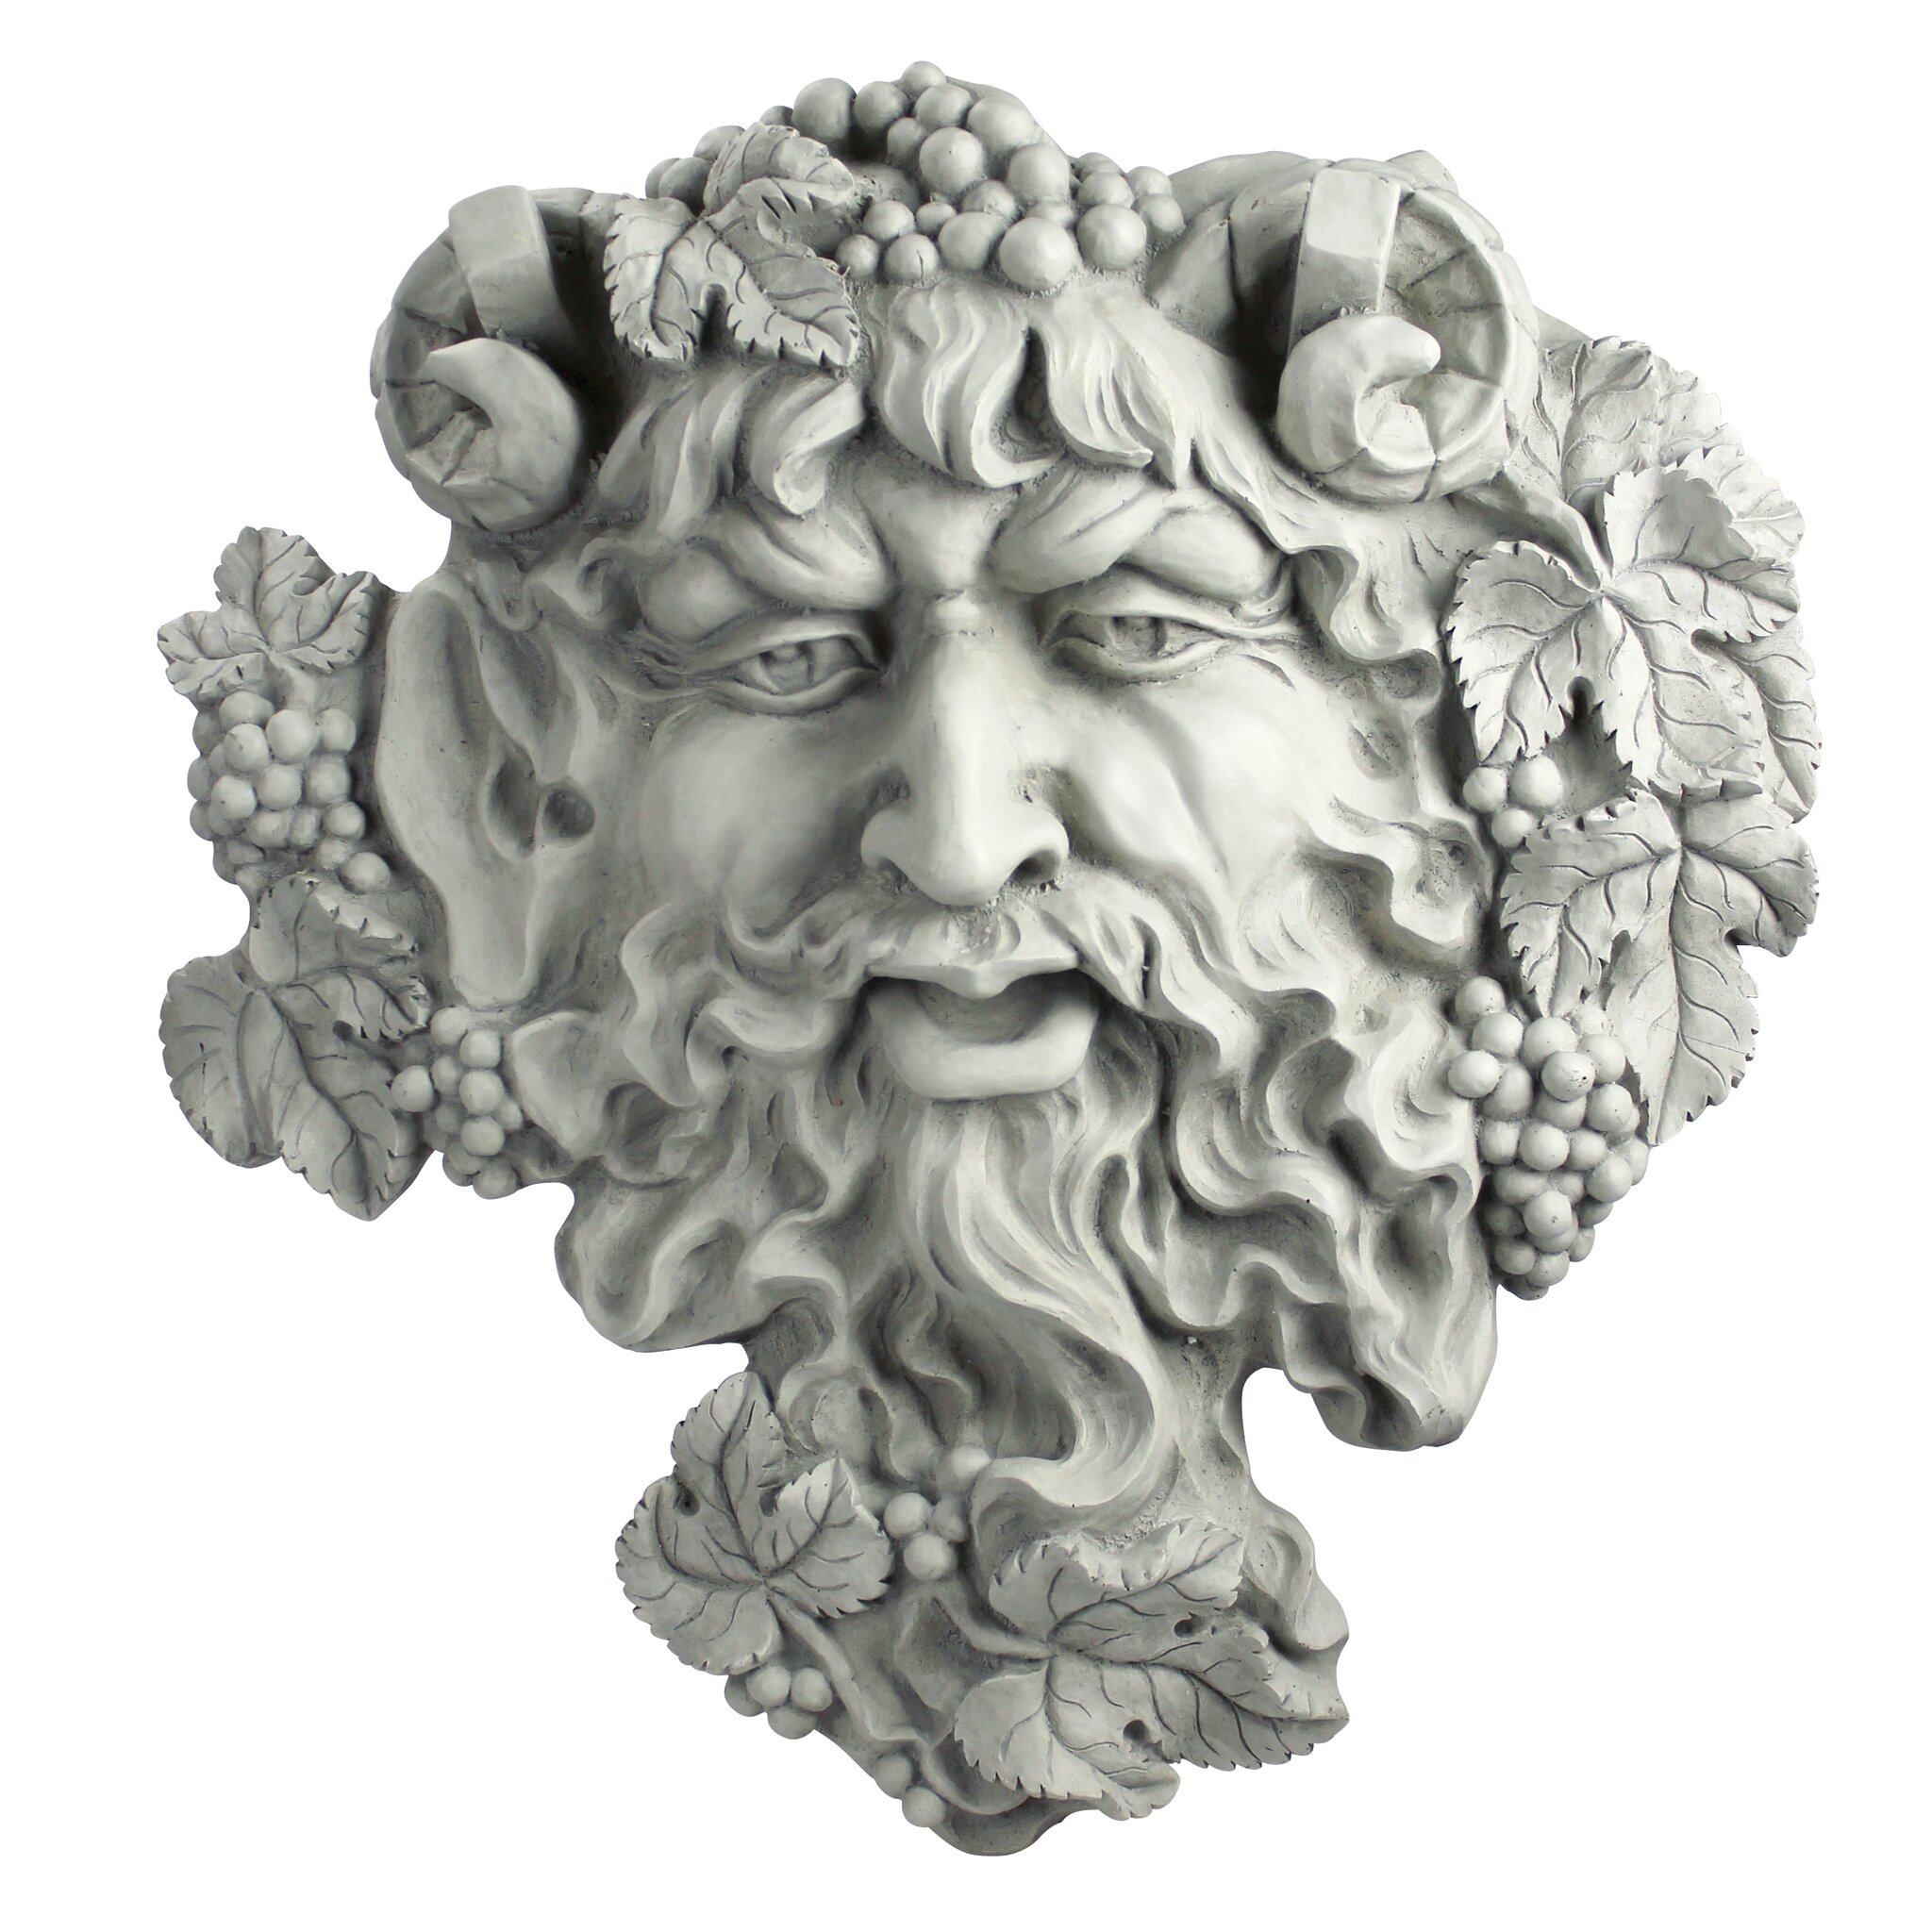 bacchus god